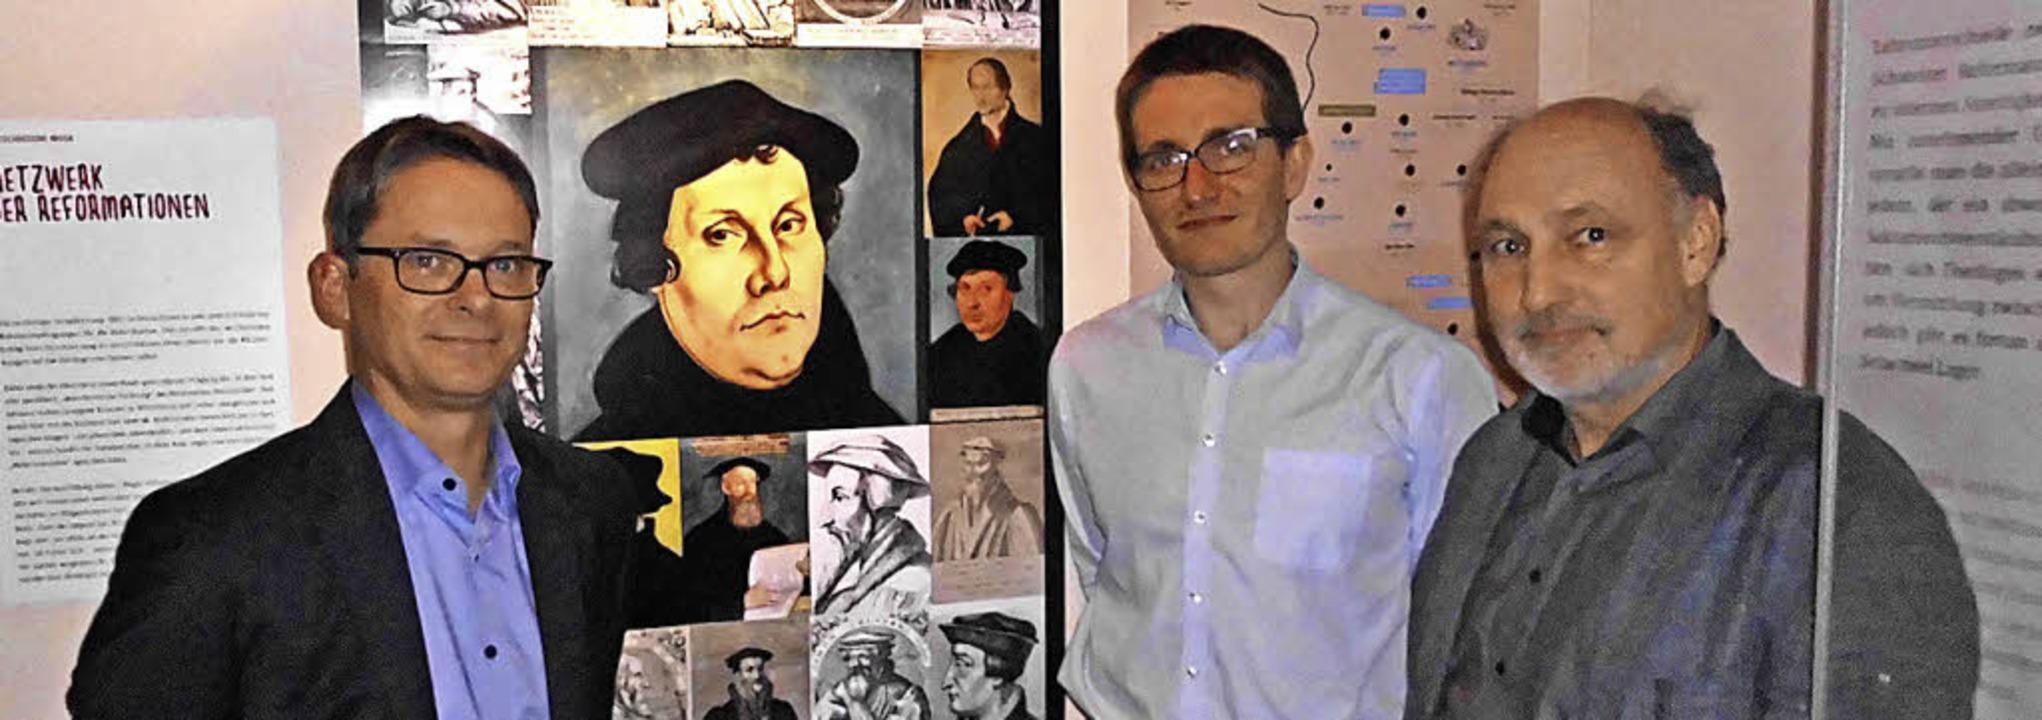 Thomas Kuhn (von links), Christoph Zac...d)  und Museumsleiter Markus Moehring.  | Foto: Daniel Scholaster